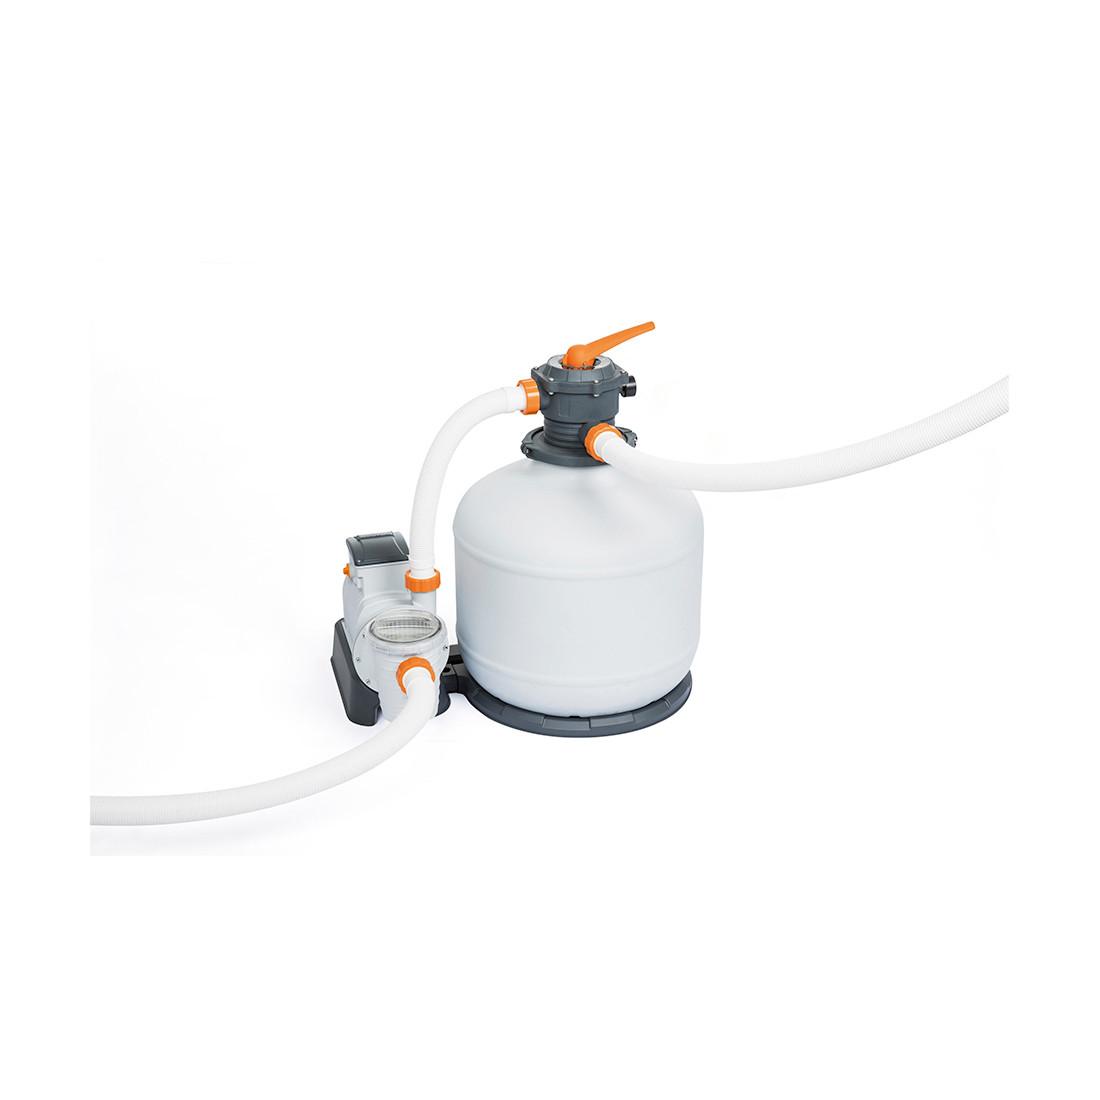 Фильтрующий песчаный насос Flowclear для бассейнов, BESTWAY, 58486, Пластик, 11355 л/час